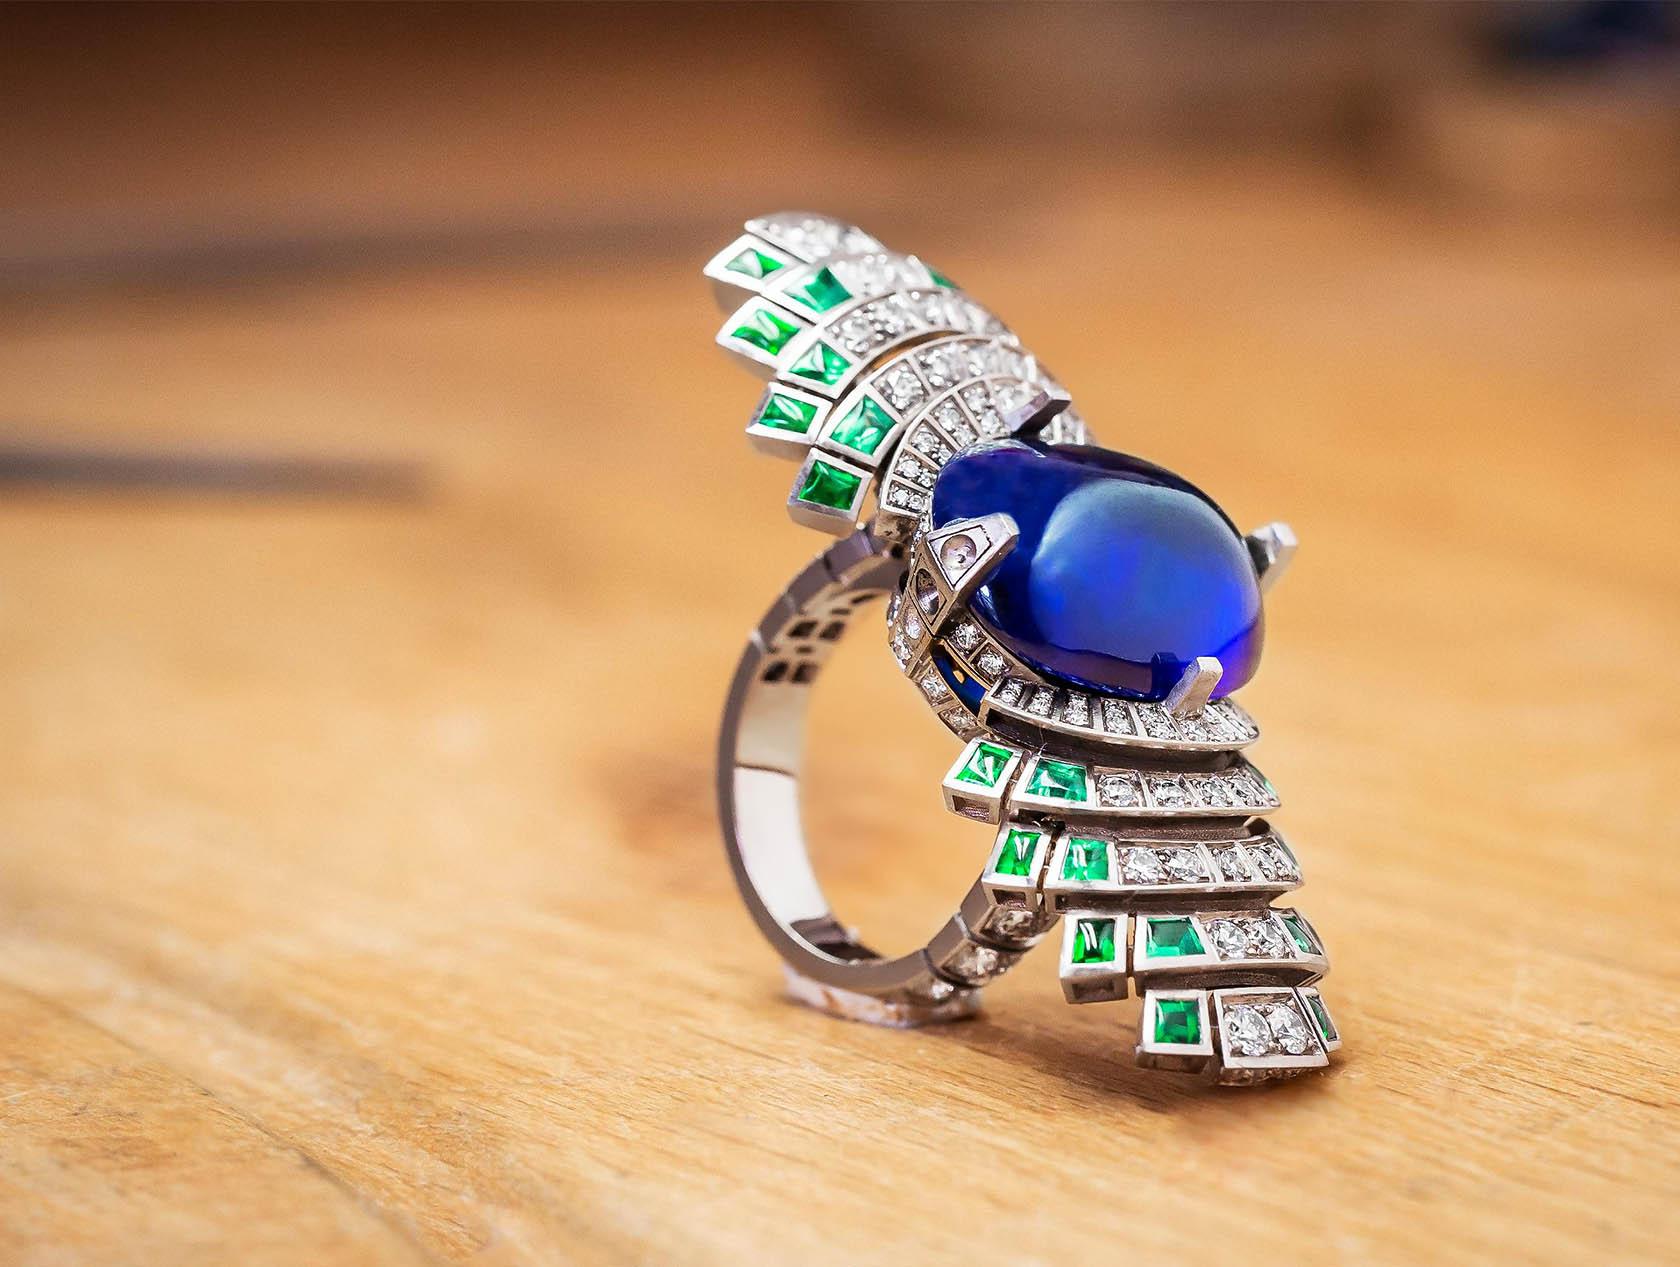 Кольцо Cartier Parhelia в процессе изготовления и закрепки бриллиантов